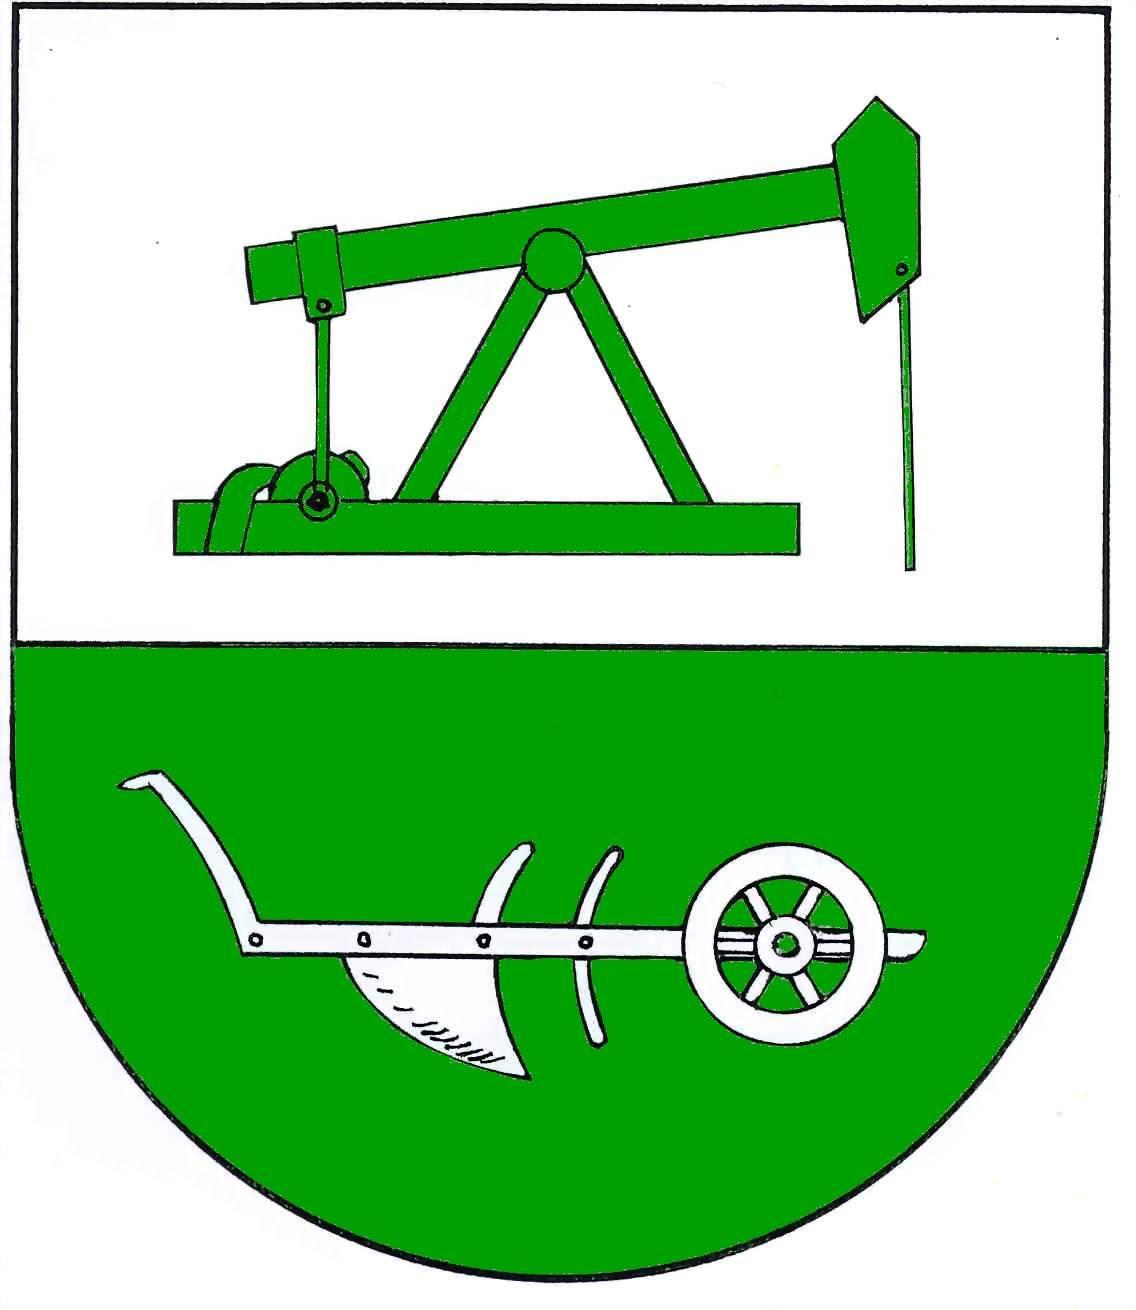 Wappen GemeindeLieth, Kreis Dithmarschen